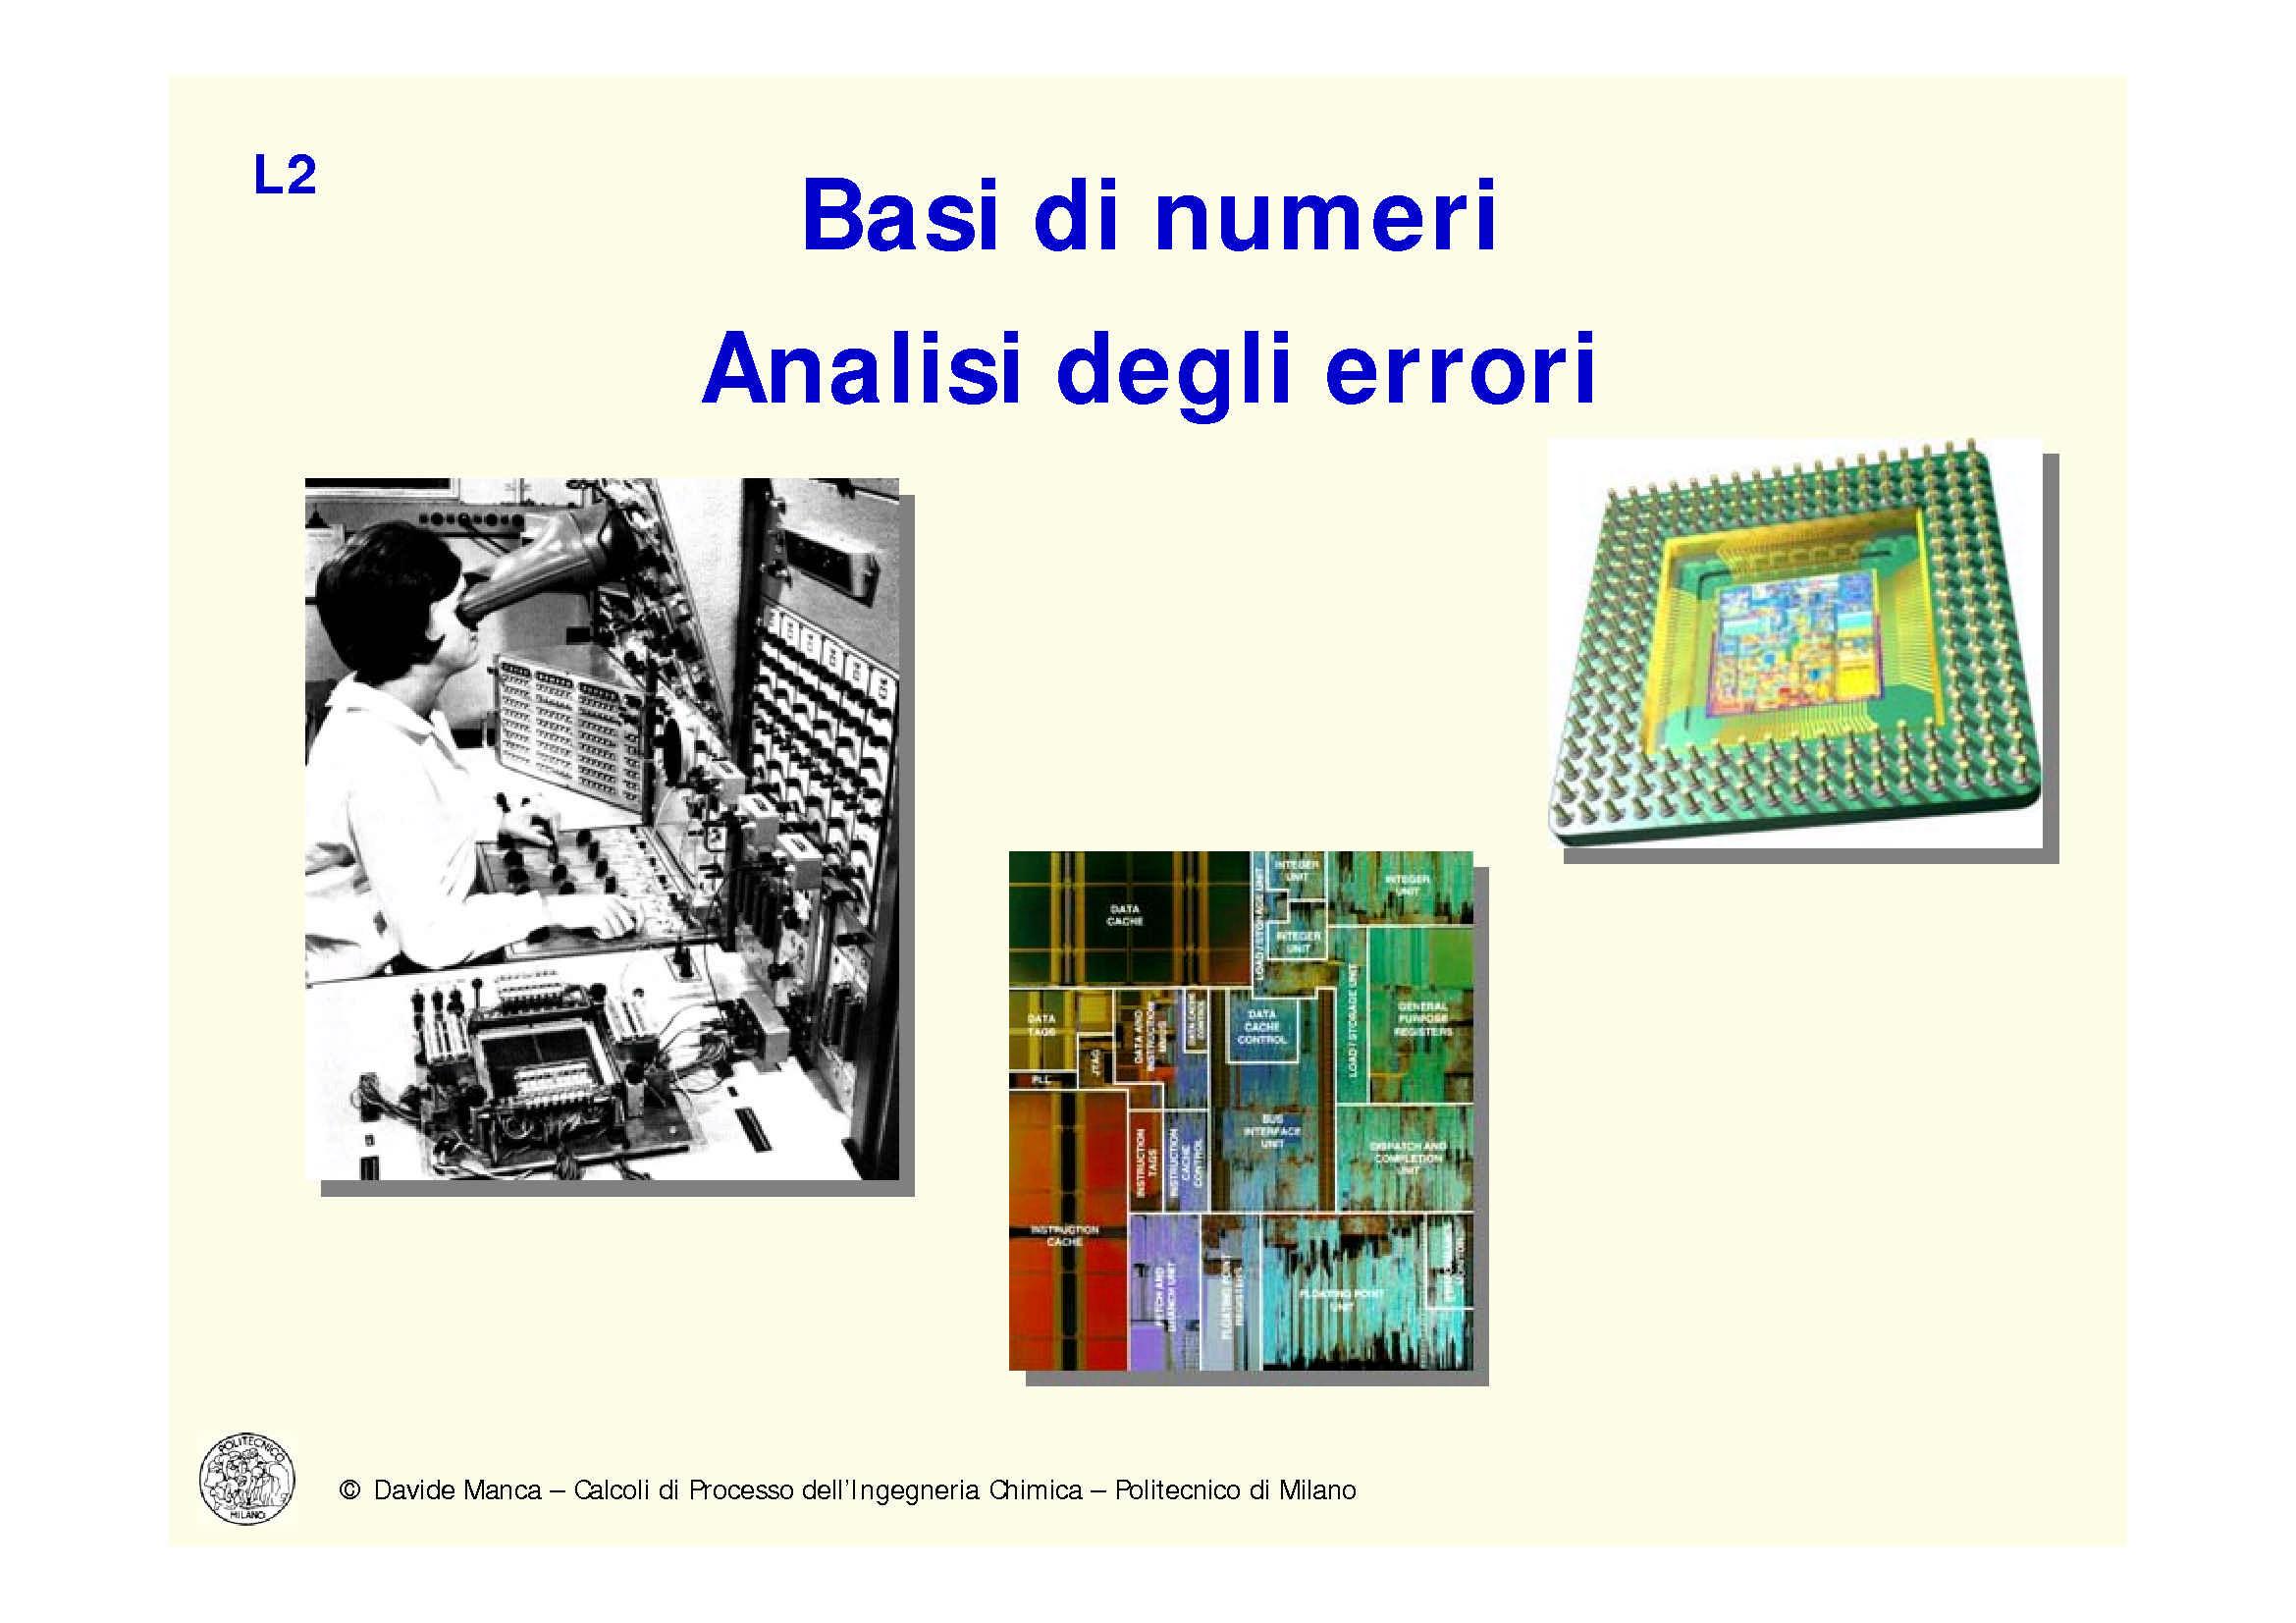 Basi di numeri e analisi degli errori